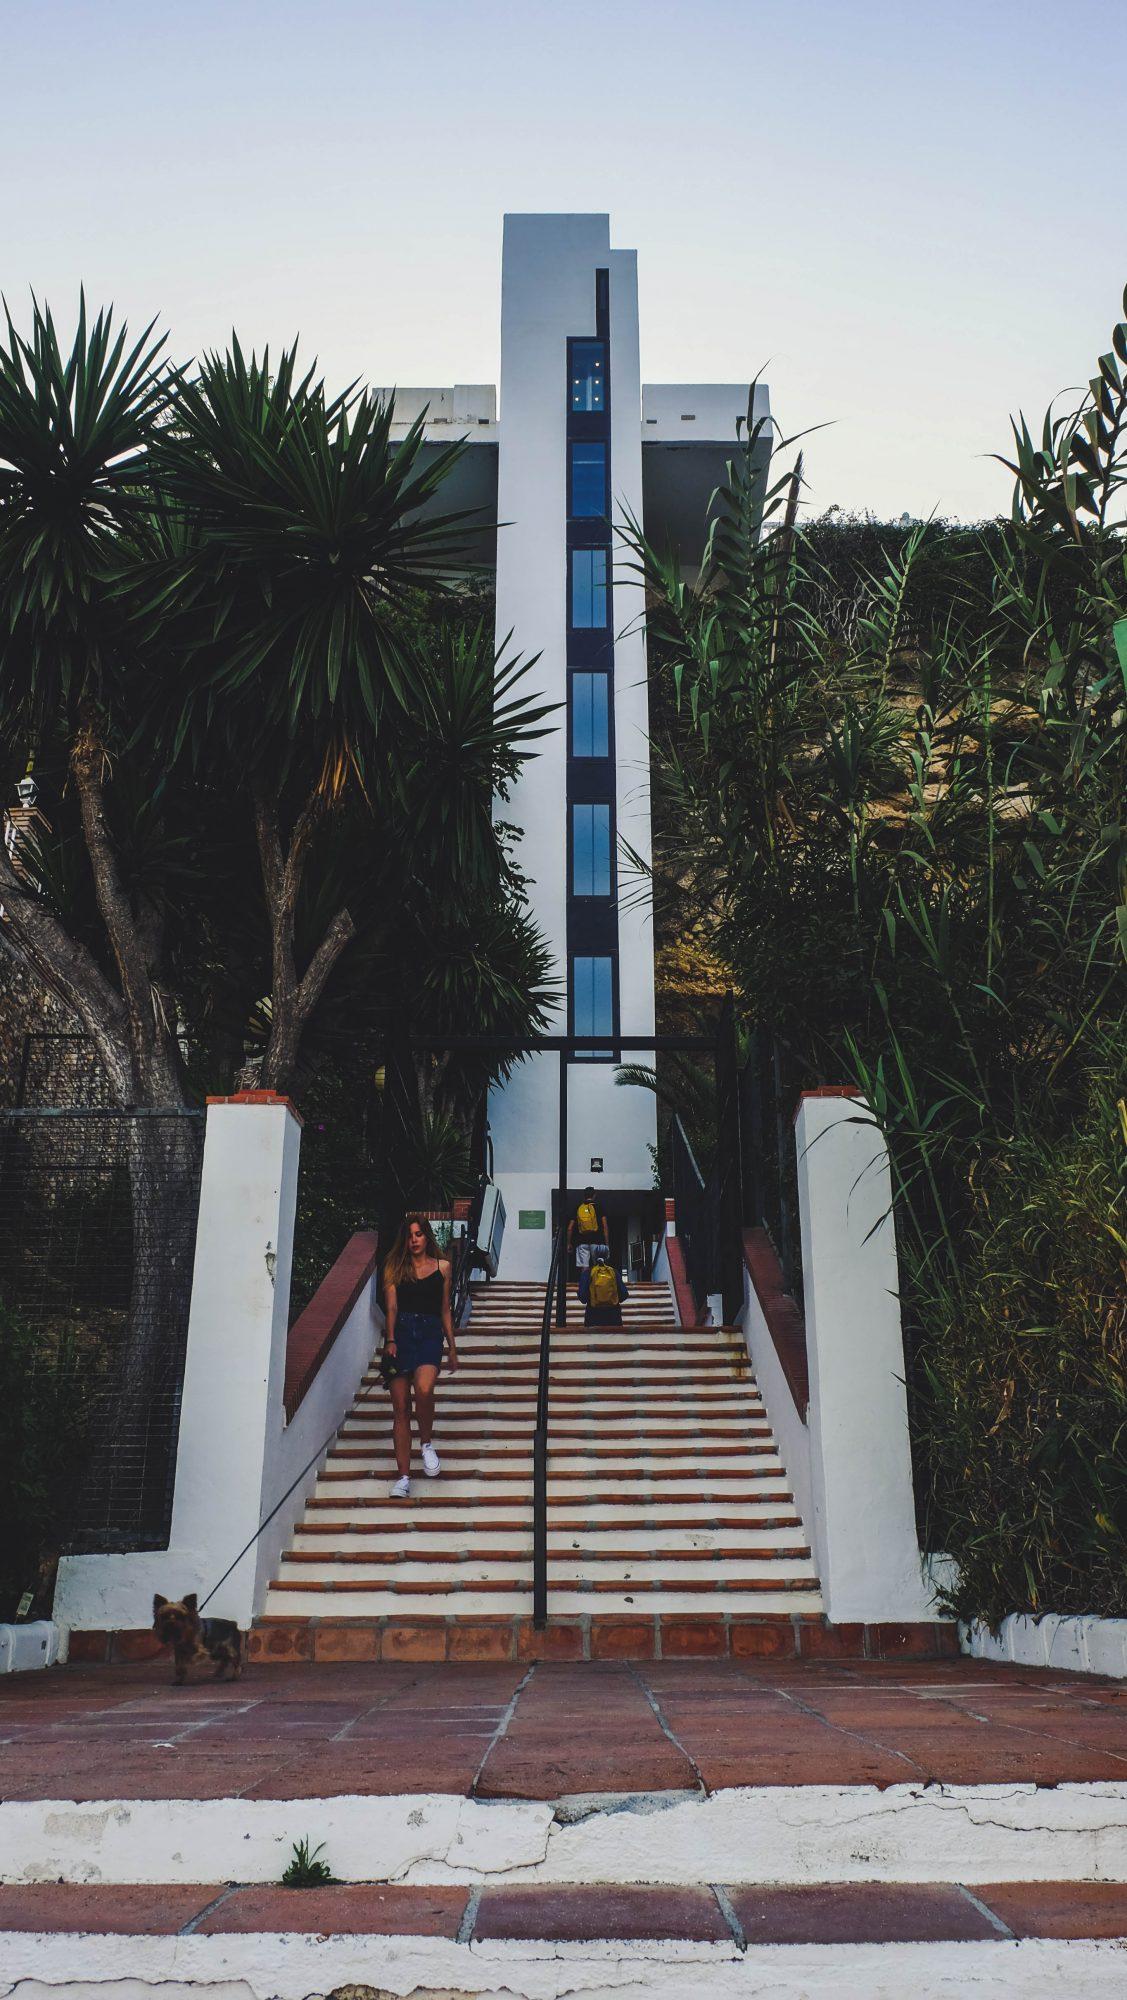 Entrée - Nerja, Espagne